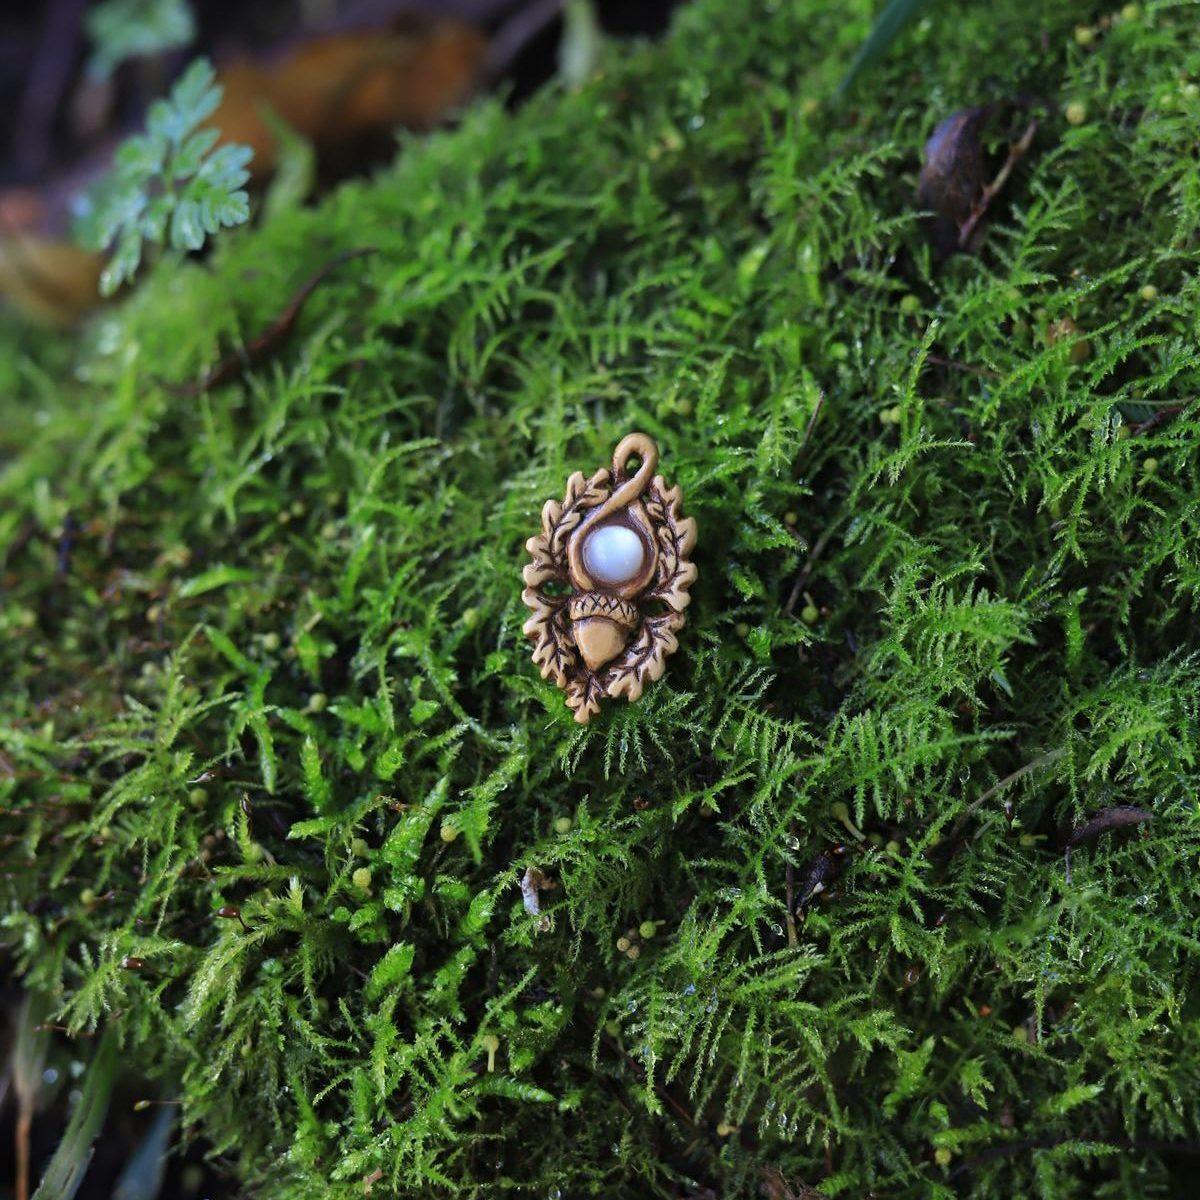 Collier, bois, sculpture, artisanat, français, écologique, chêne, gland, nacre naturelle